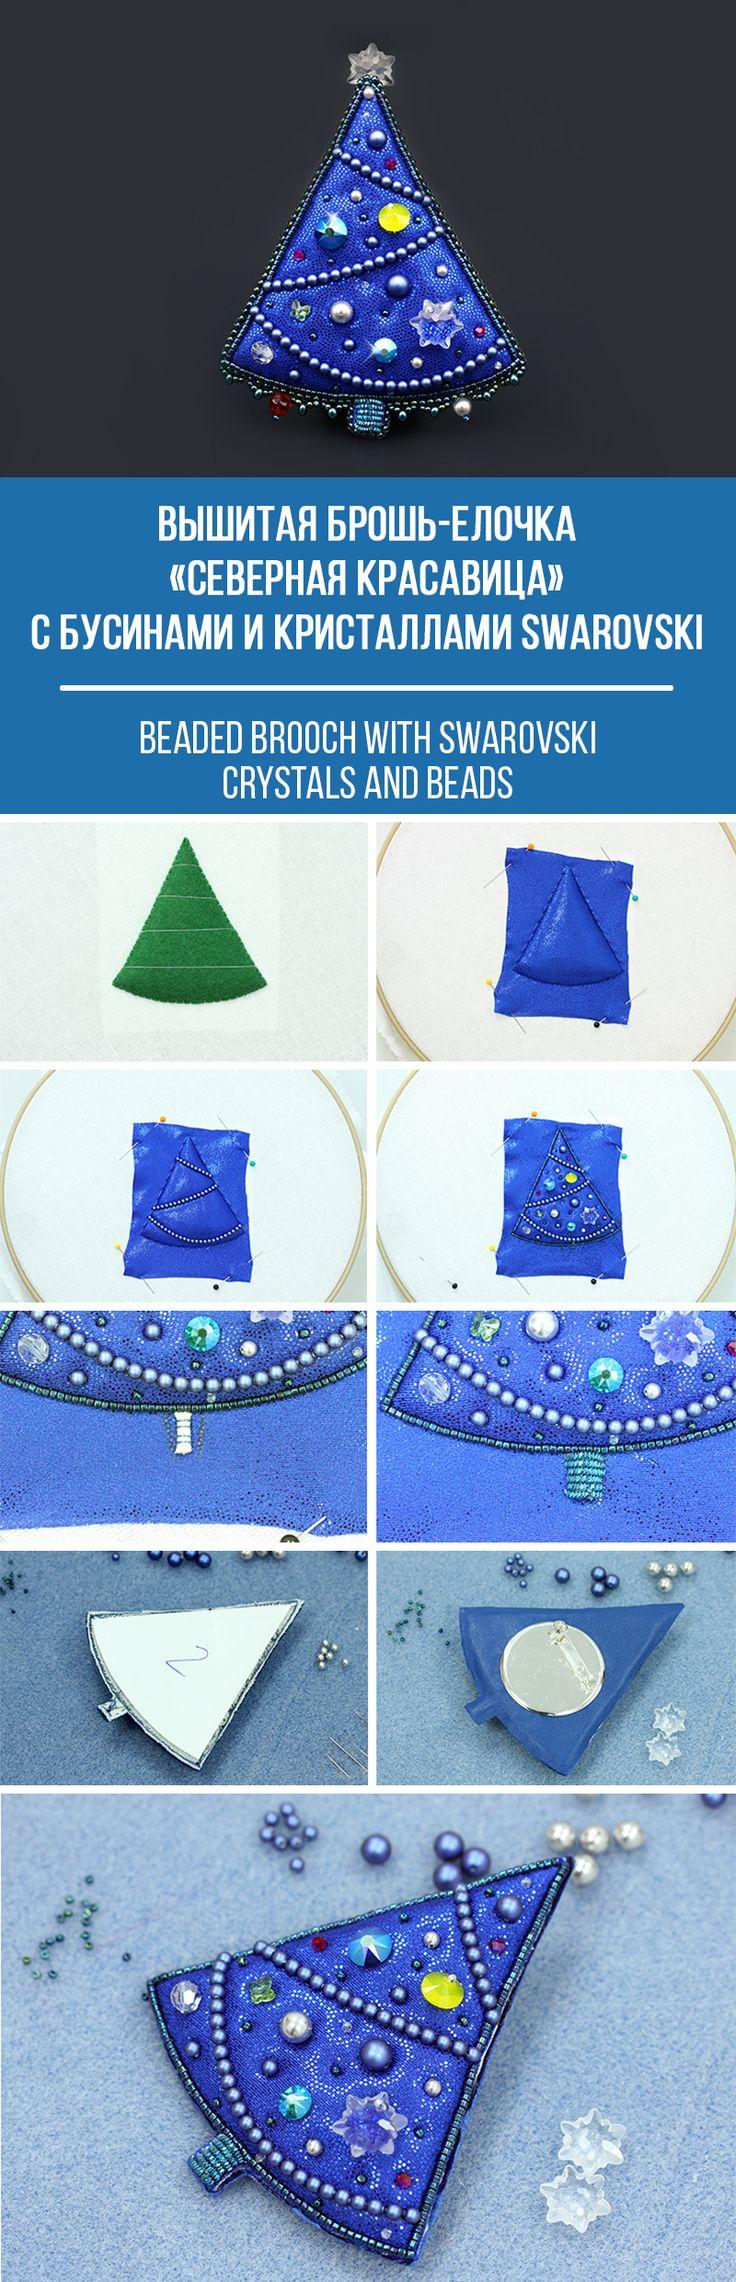 Мастер-класс: вышитая брошь-елочка с бусинами и кристаллами Swarovski «Северная красавица»